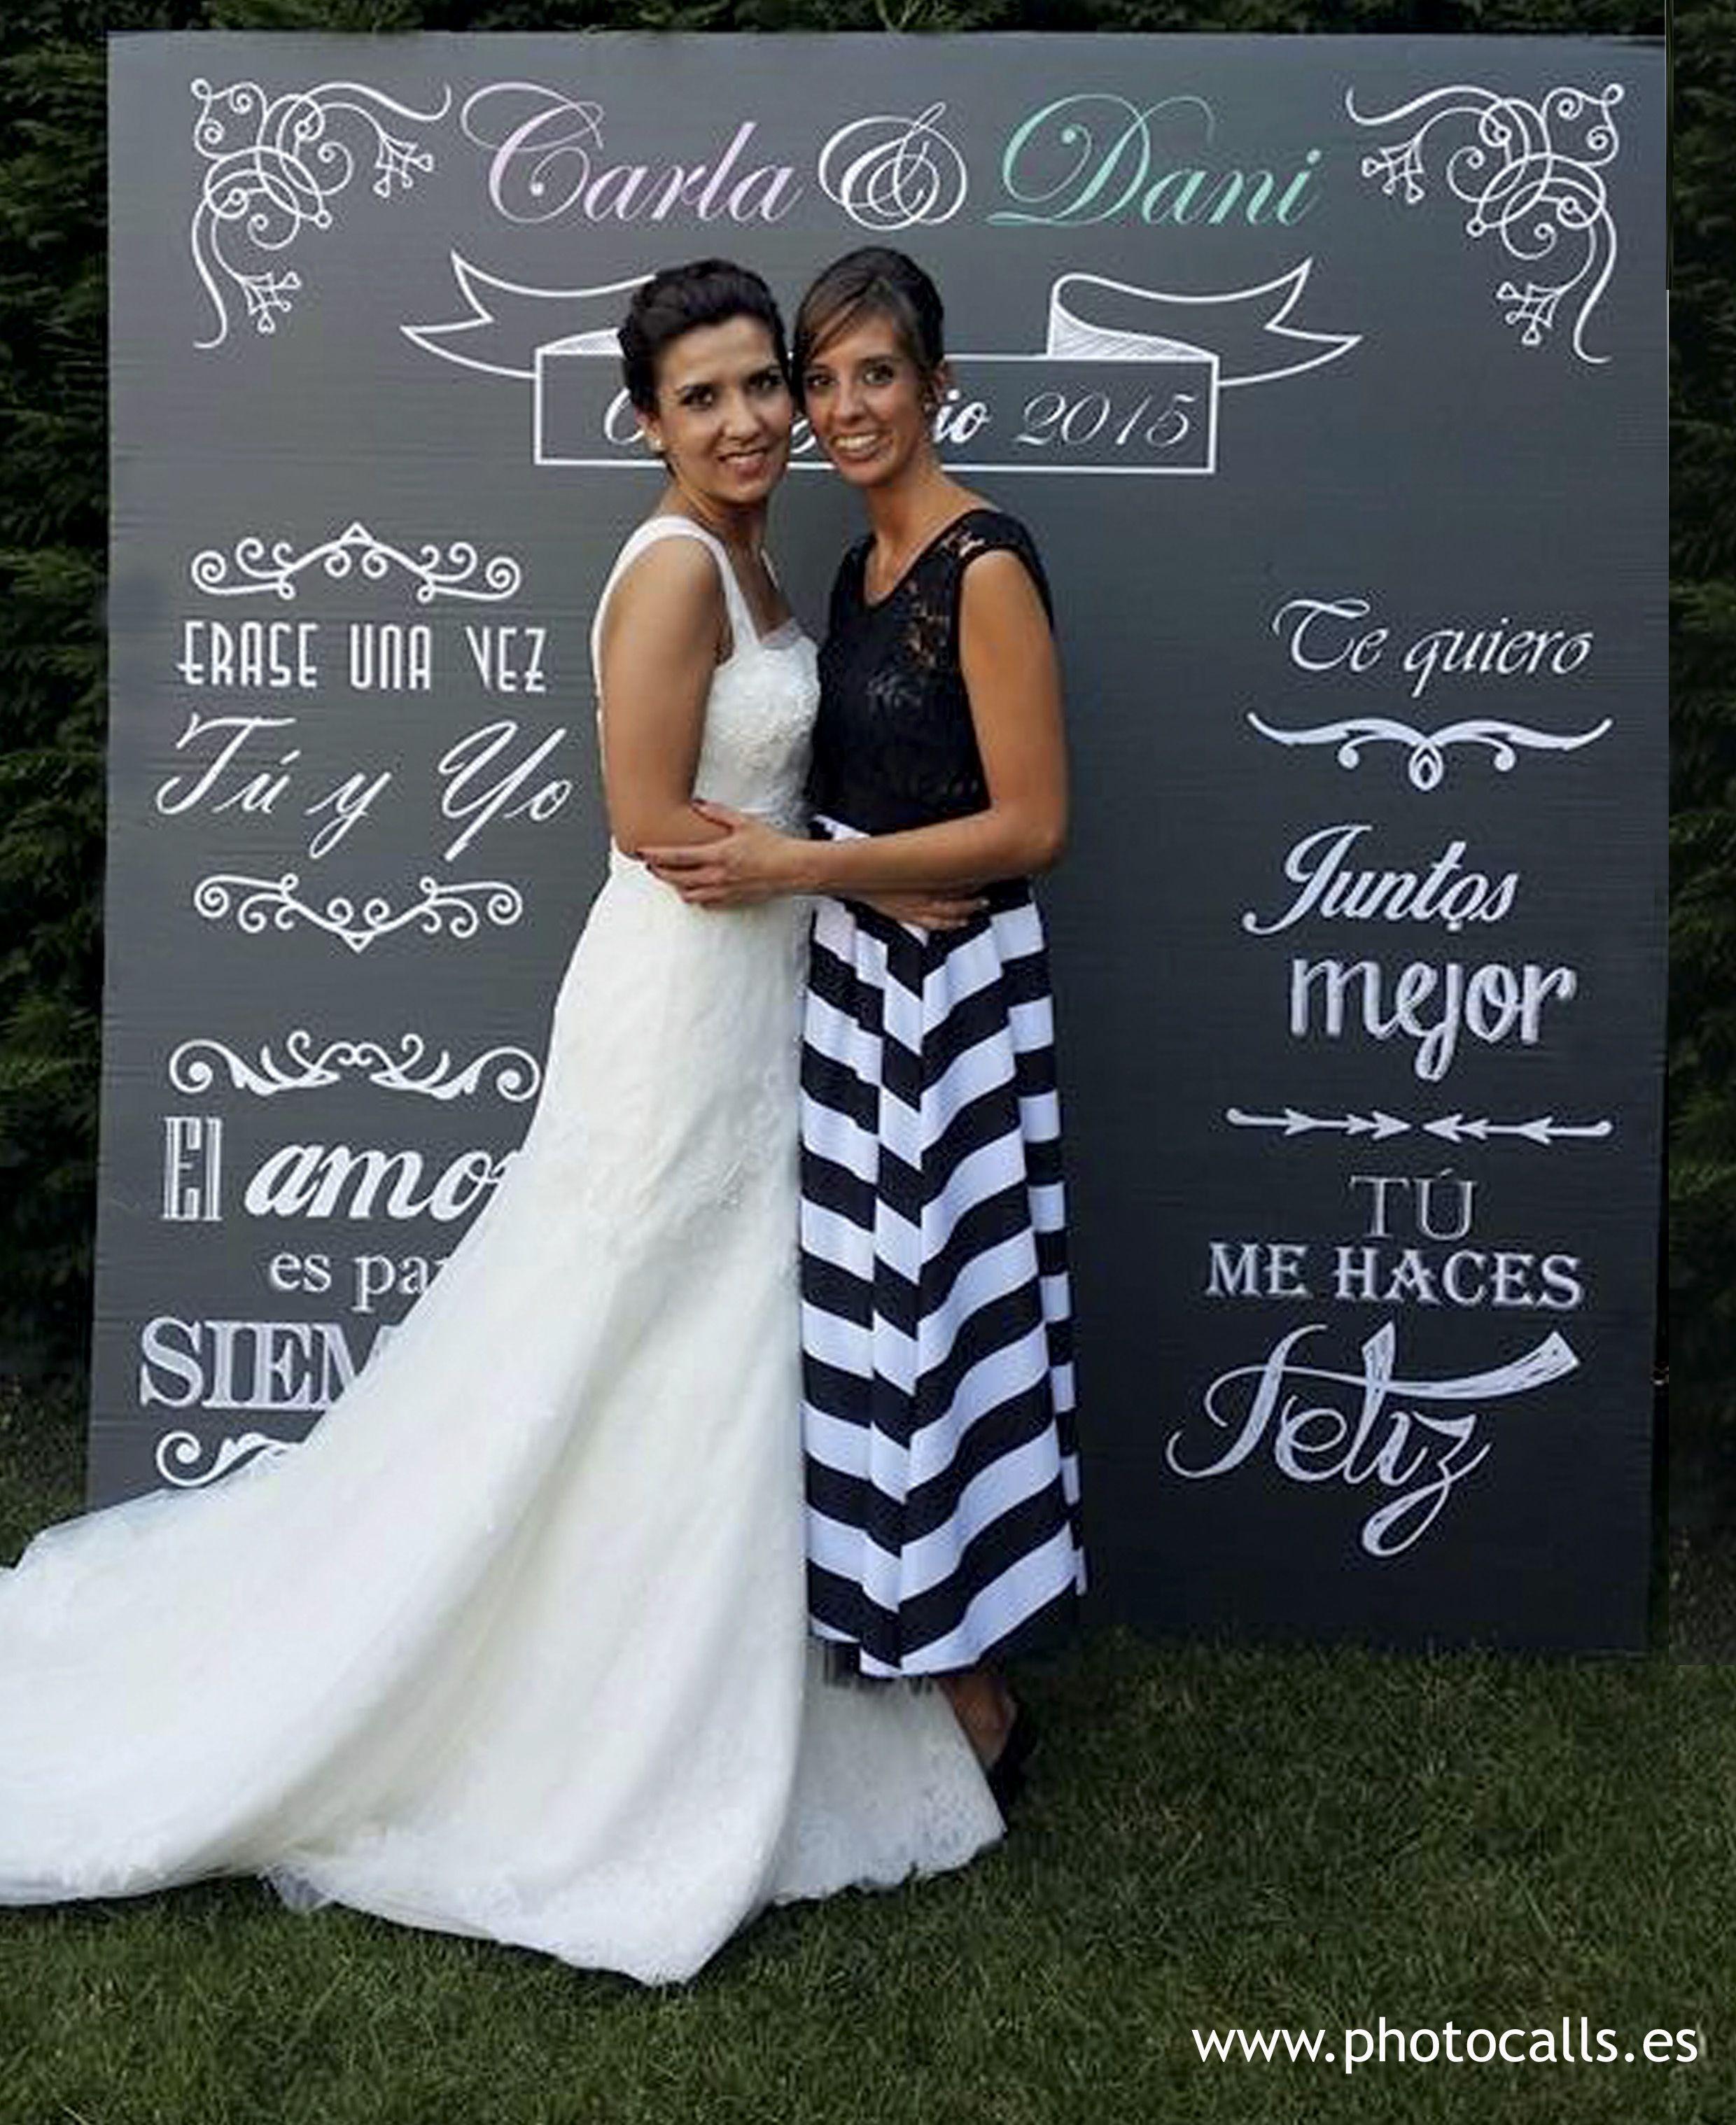 Photocall tiza photocall boda boda wedding photobooth for Fotocol de bodas